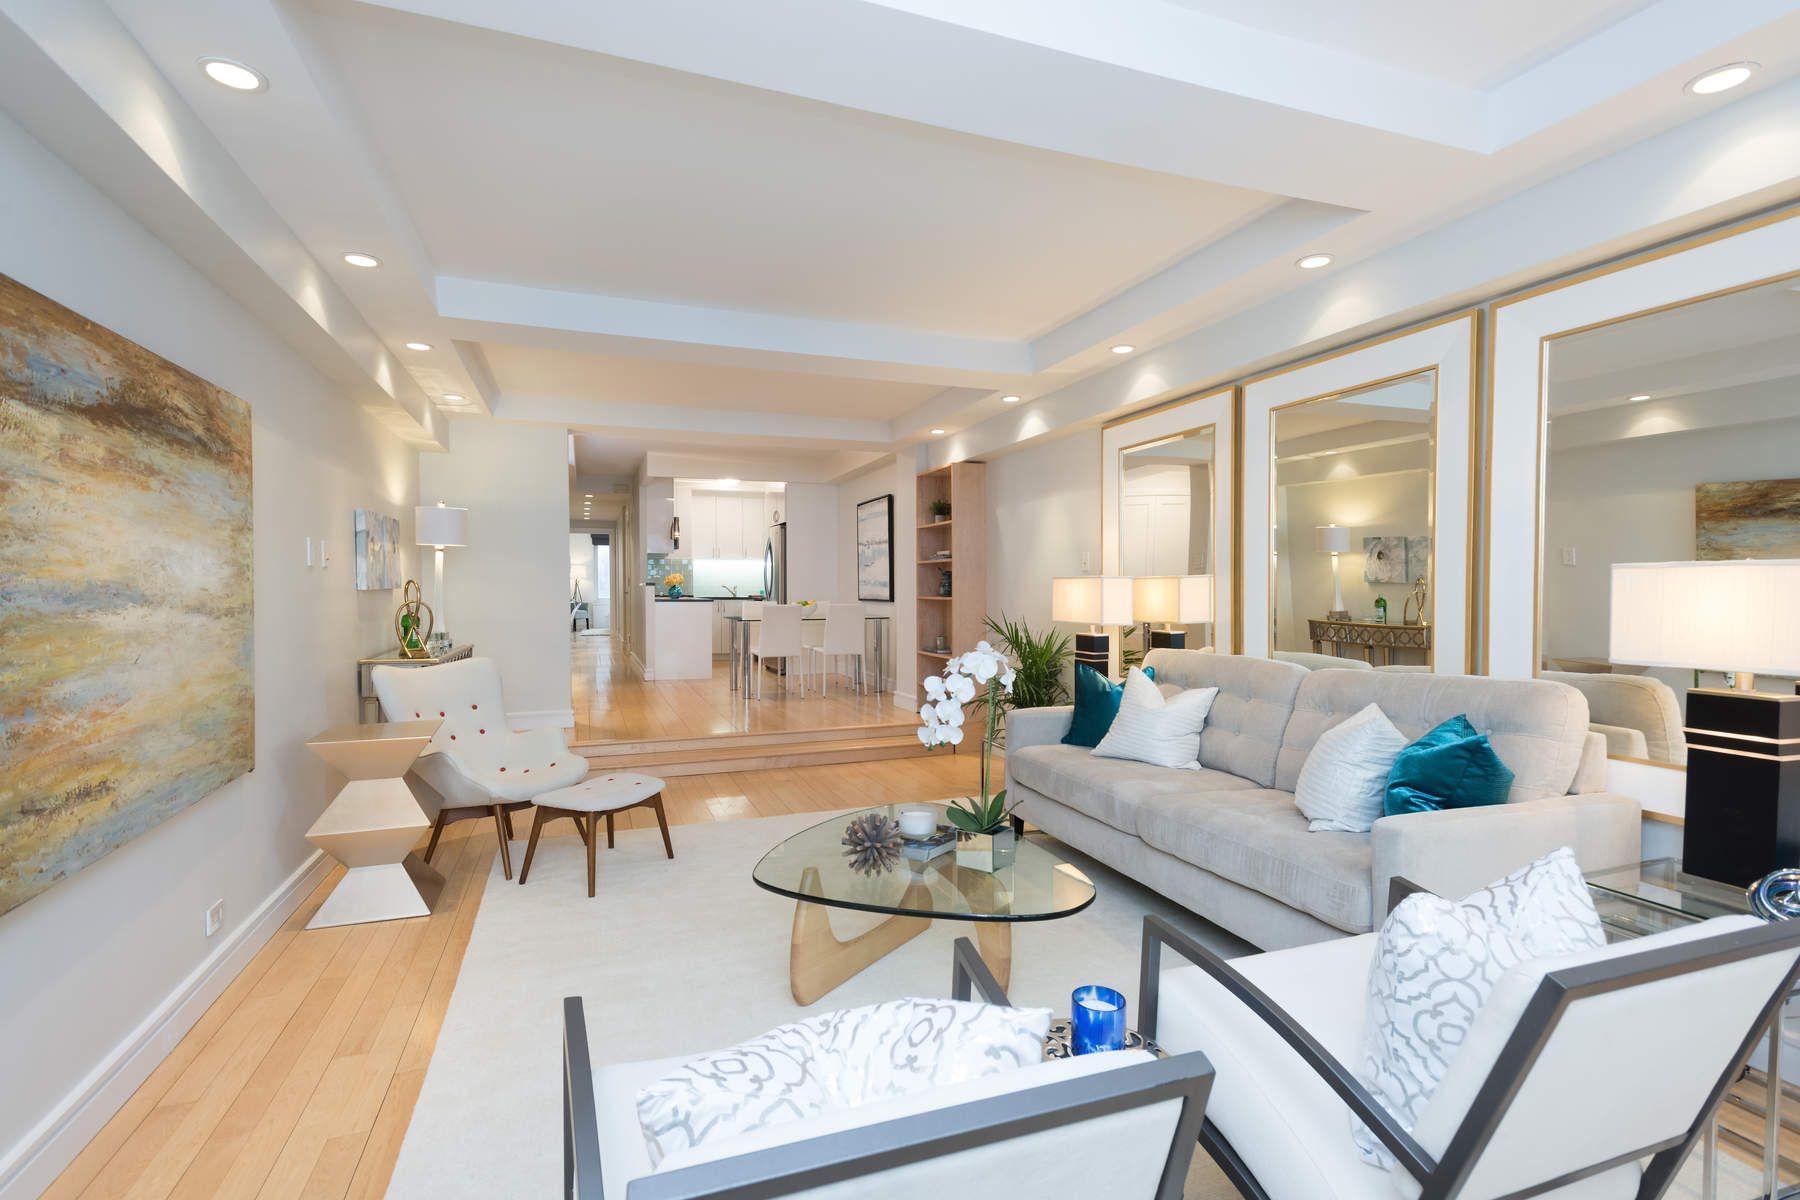 公寓 为 销售 在 333 West 57th Street, Apt. 305 333 West 57th Street Apt 305, Hell's Kitchen, 纽约, 纽约州, 10019 美国